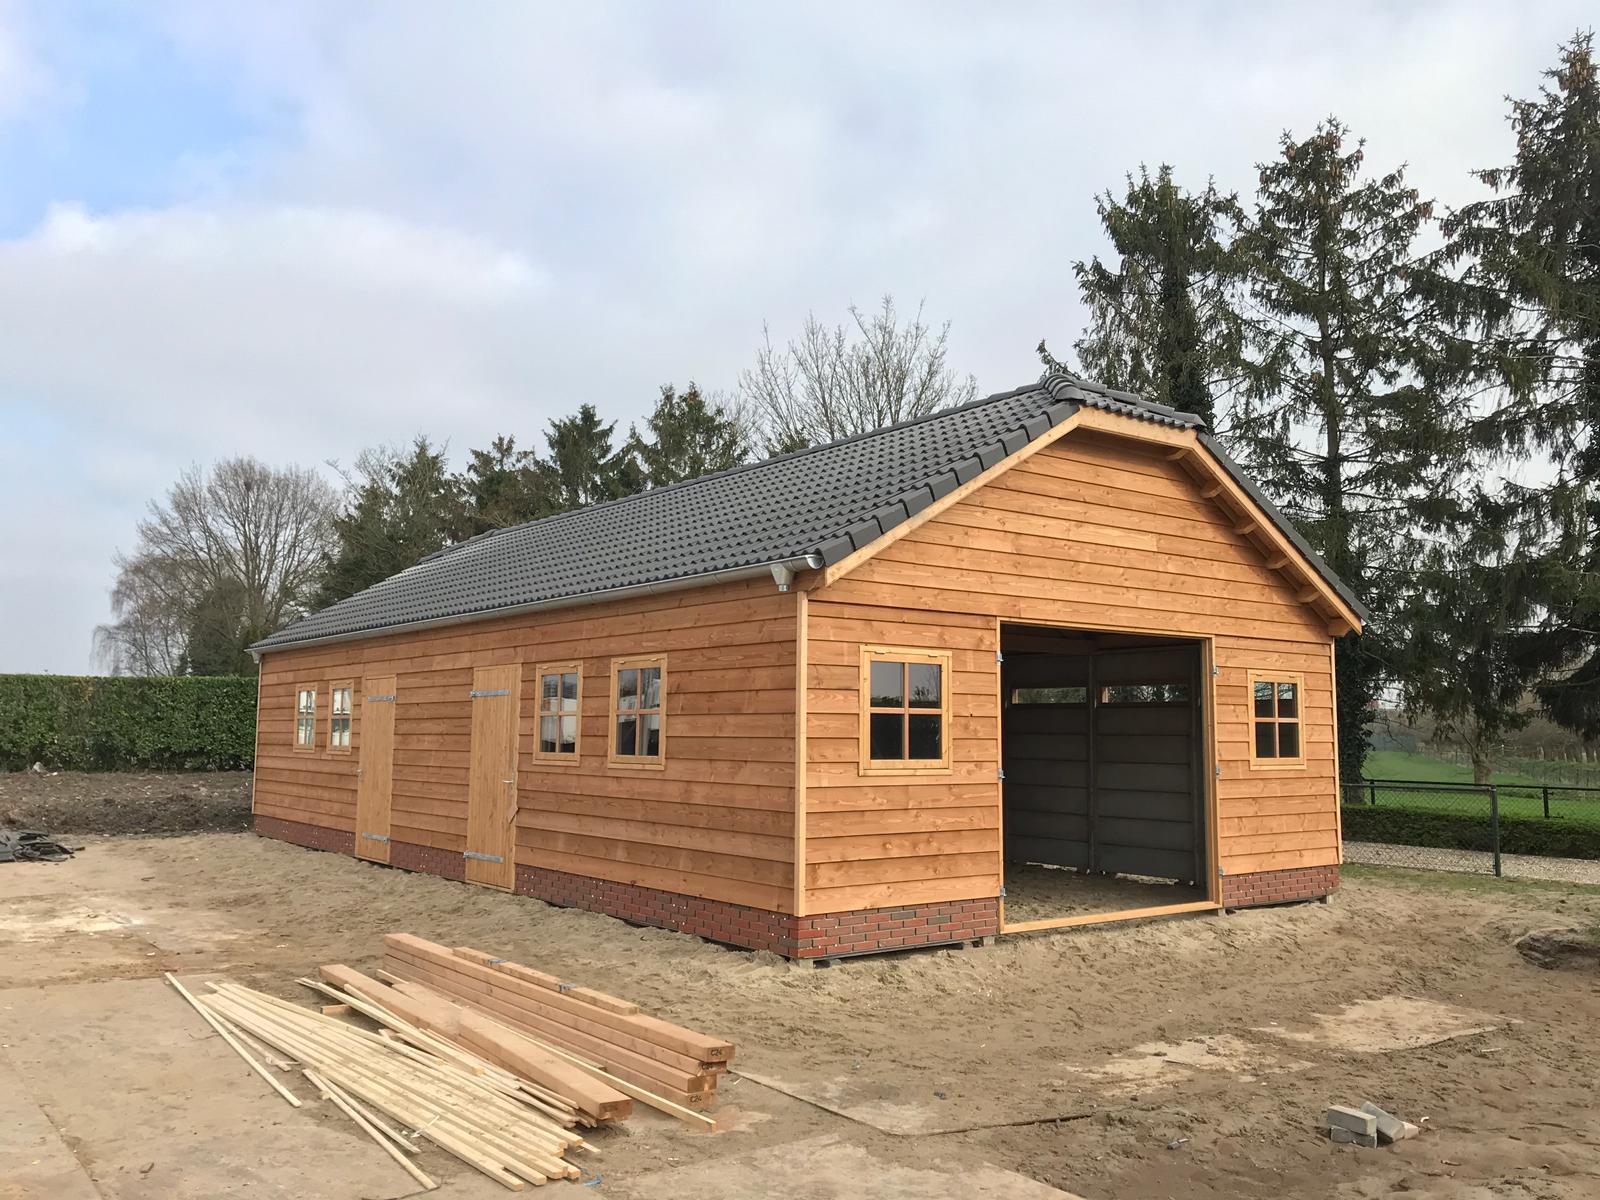 dubbele garage houten.jpeg